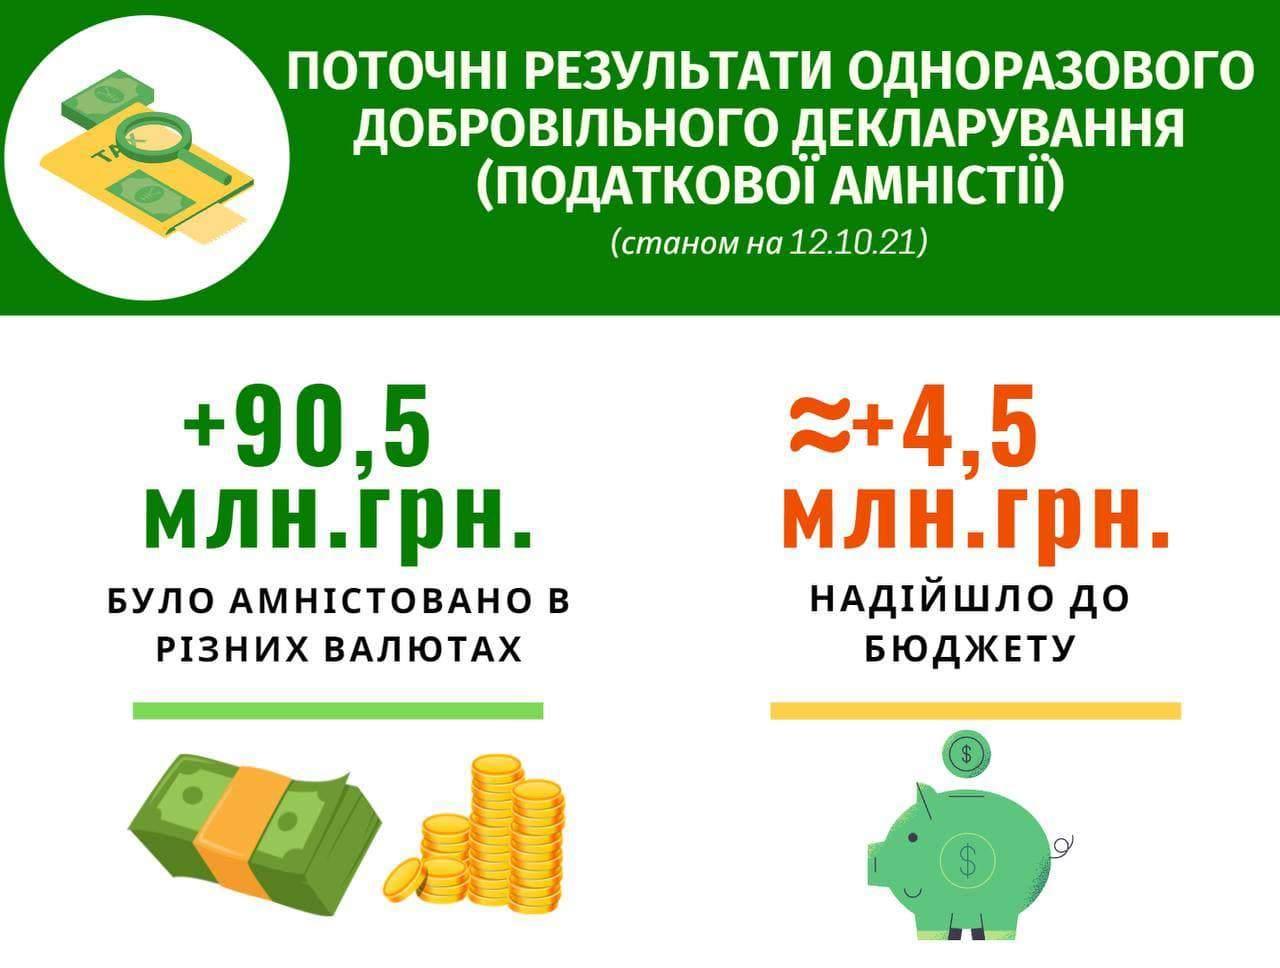 результаты налоговой амнистии: сколько заплатили и закларувалы украинцы